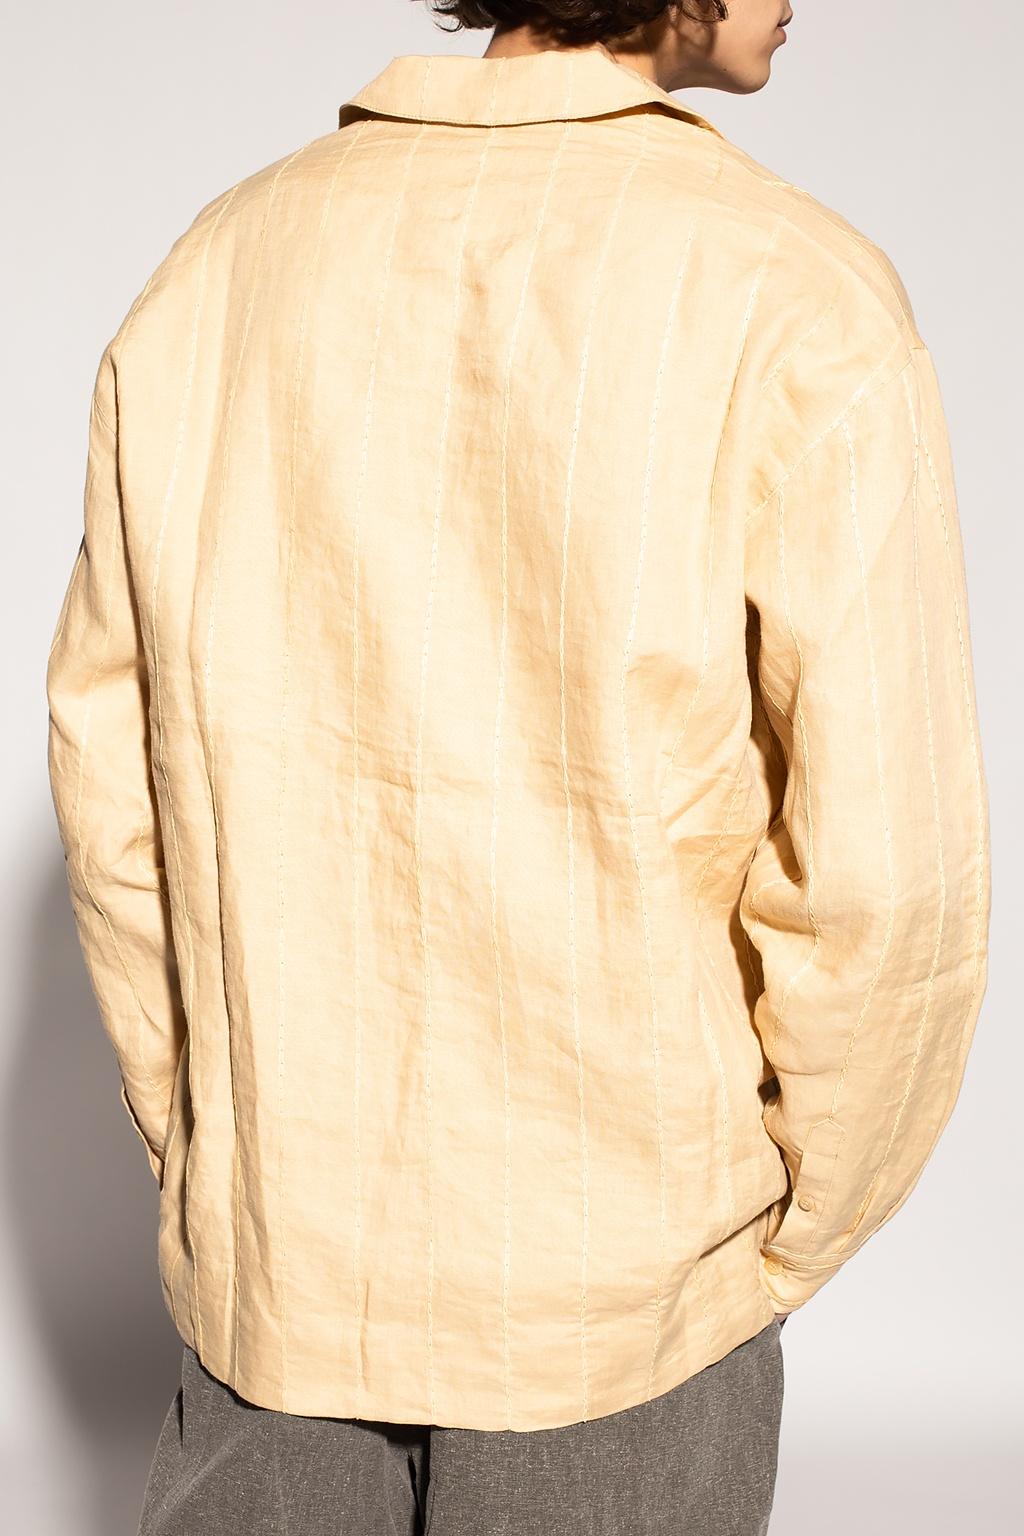 SHORT-sleeved beige CHEMISIER